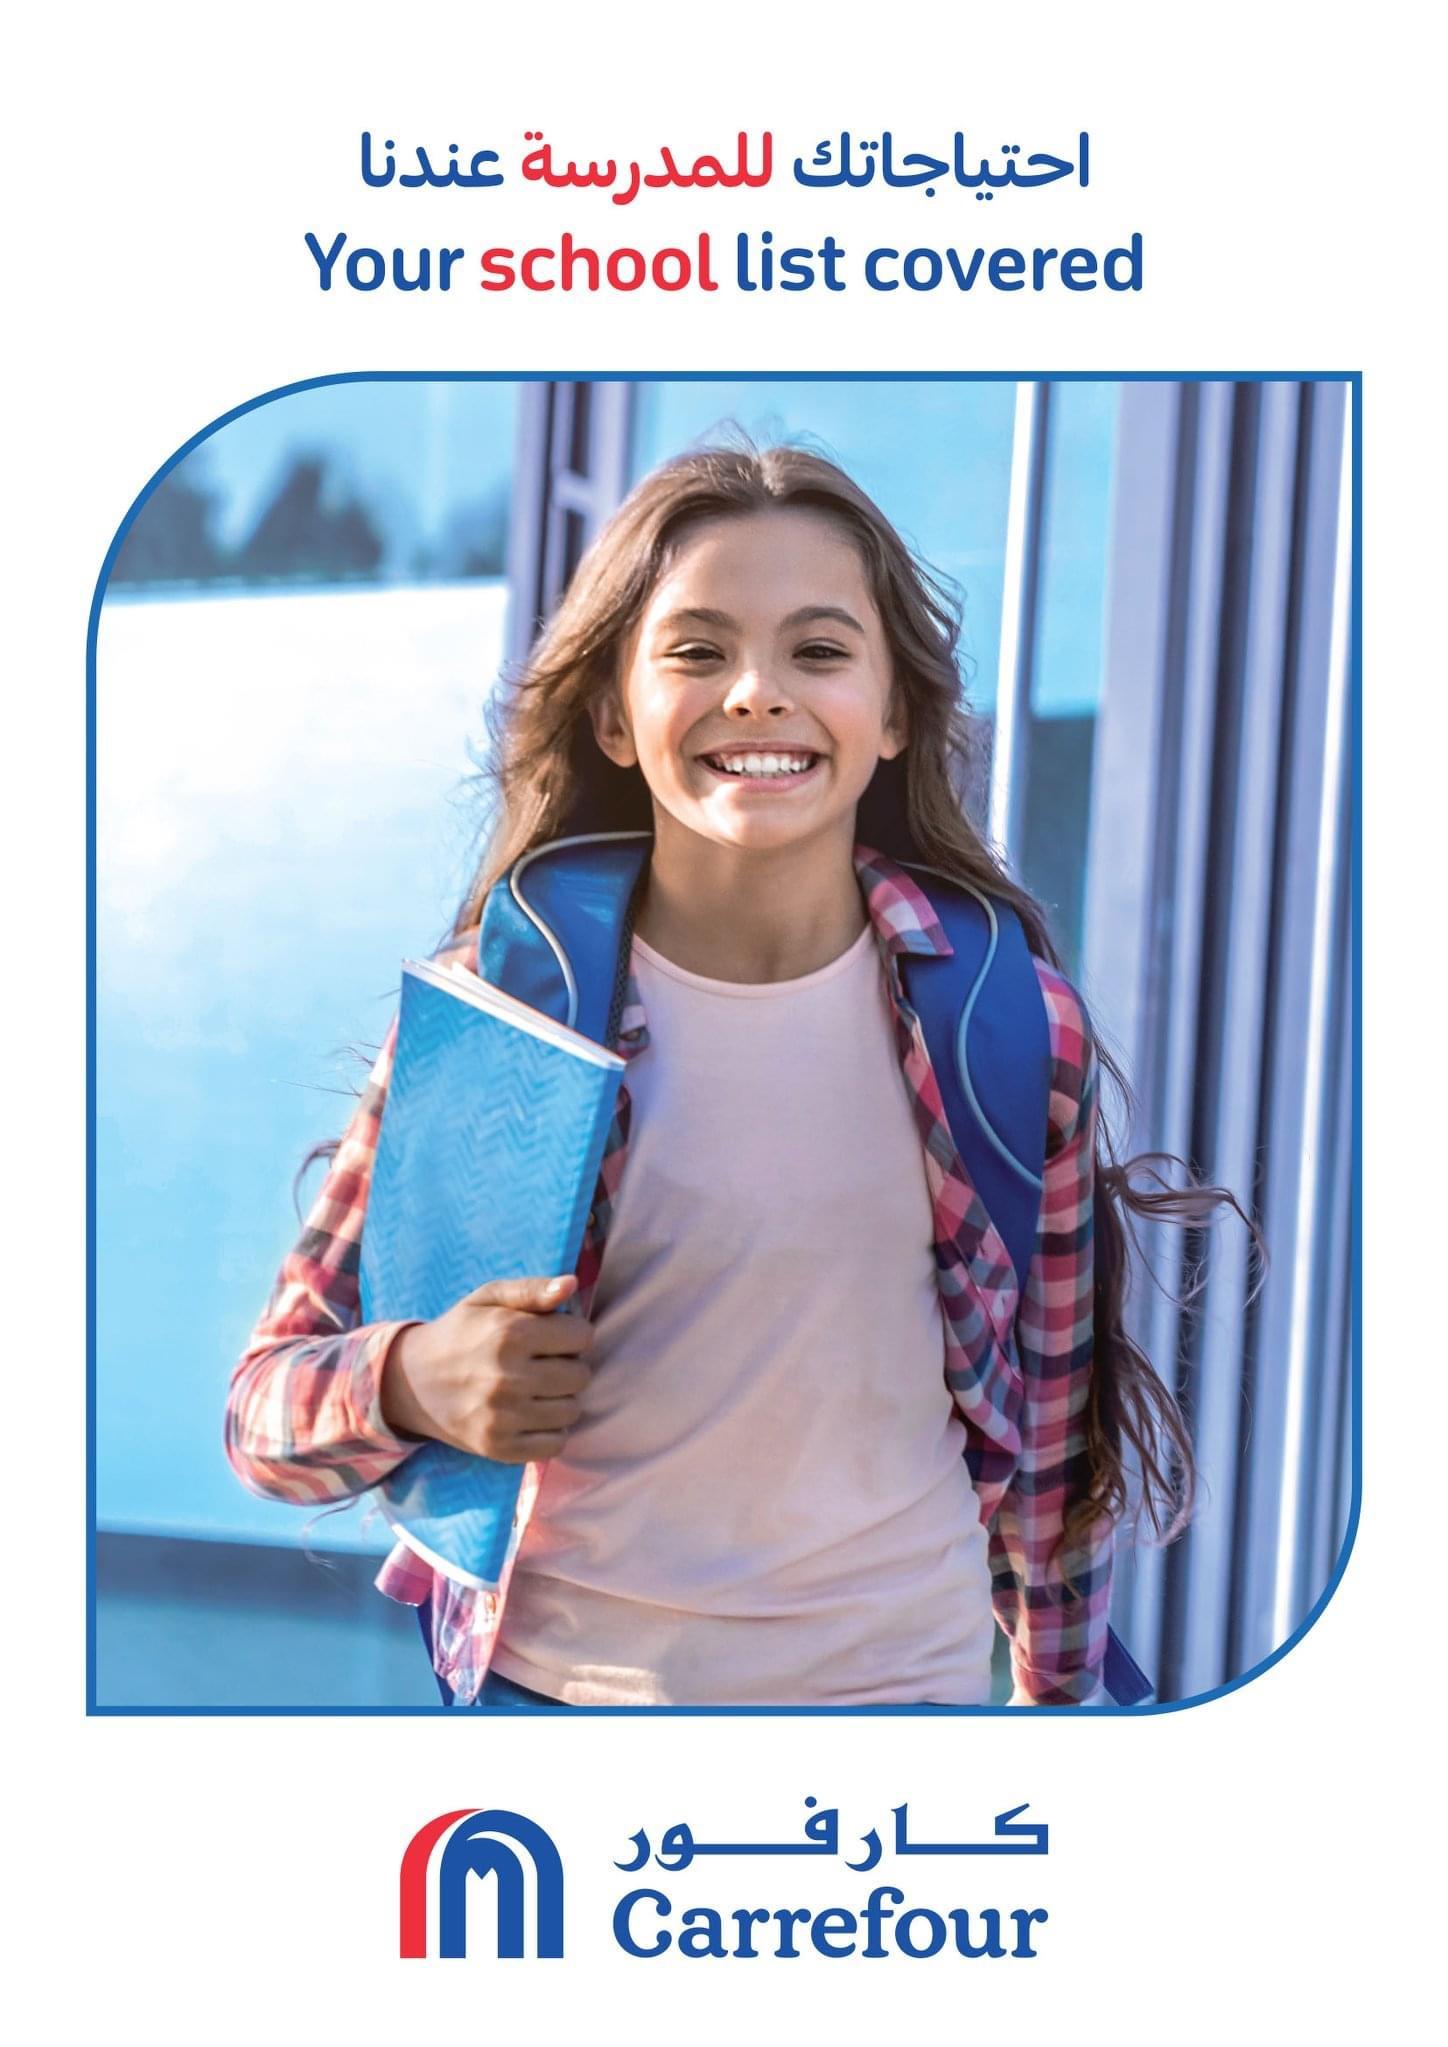 عروض كارفور 2021 على الأجهزة الكهربائية والأدوات المدرسية بخصومات 50% 19